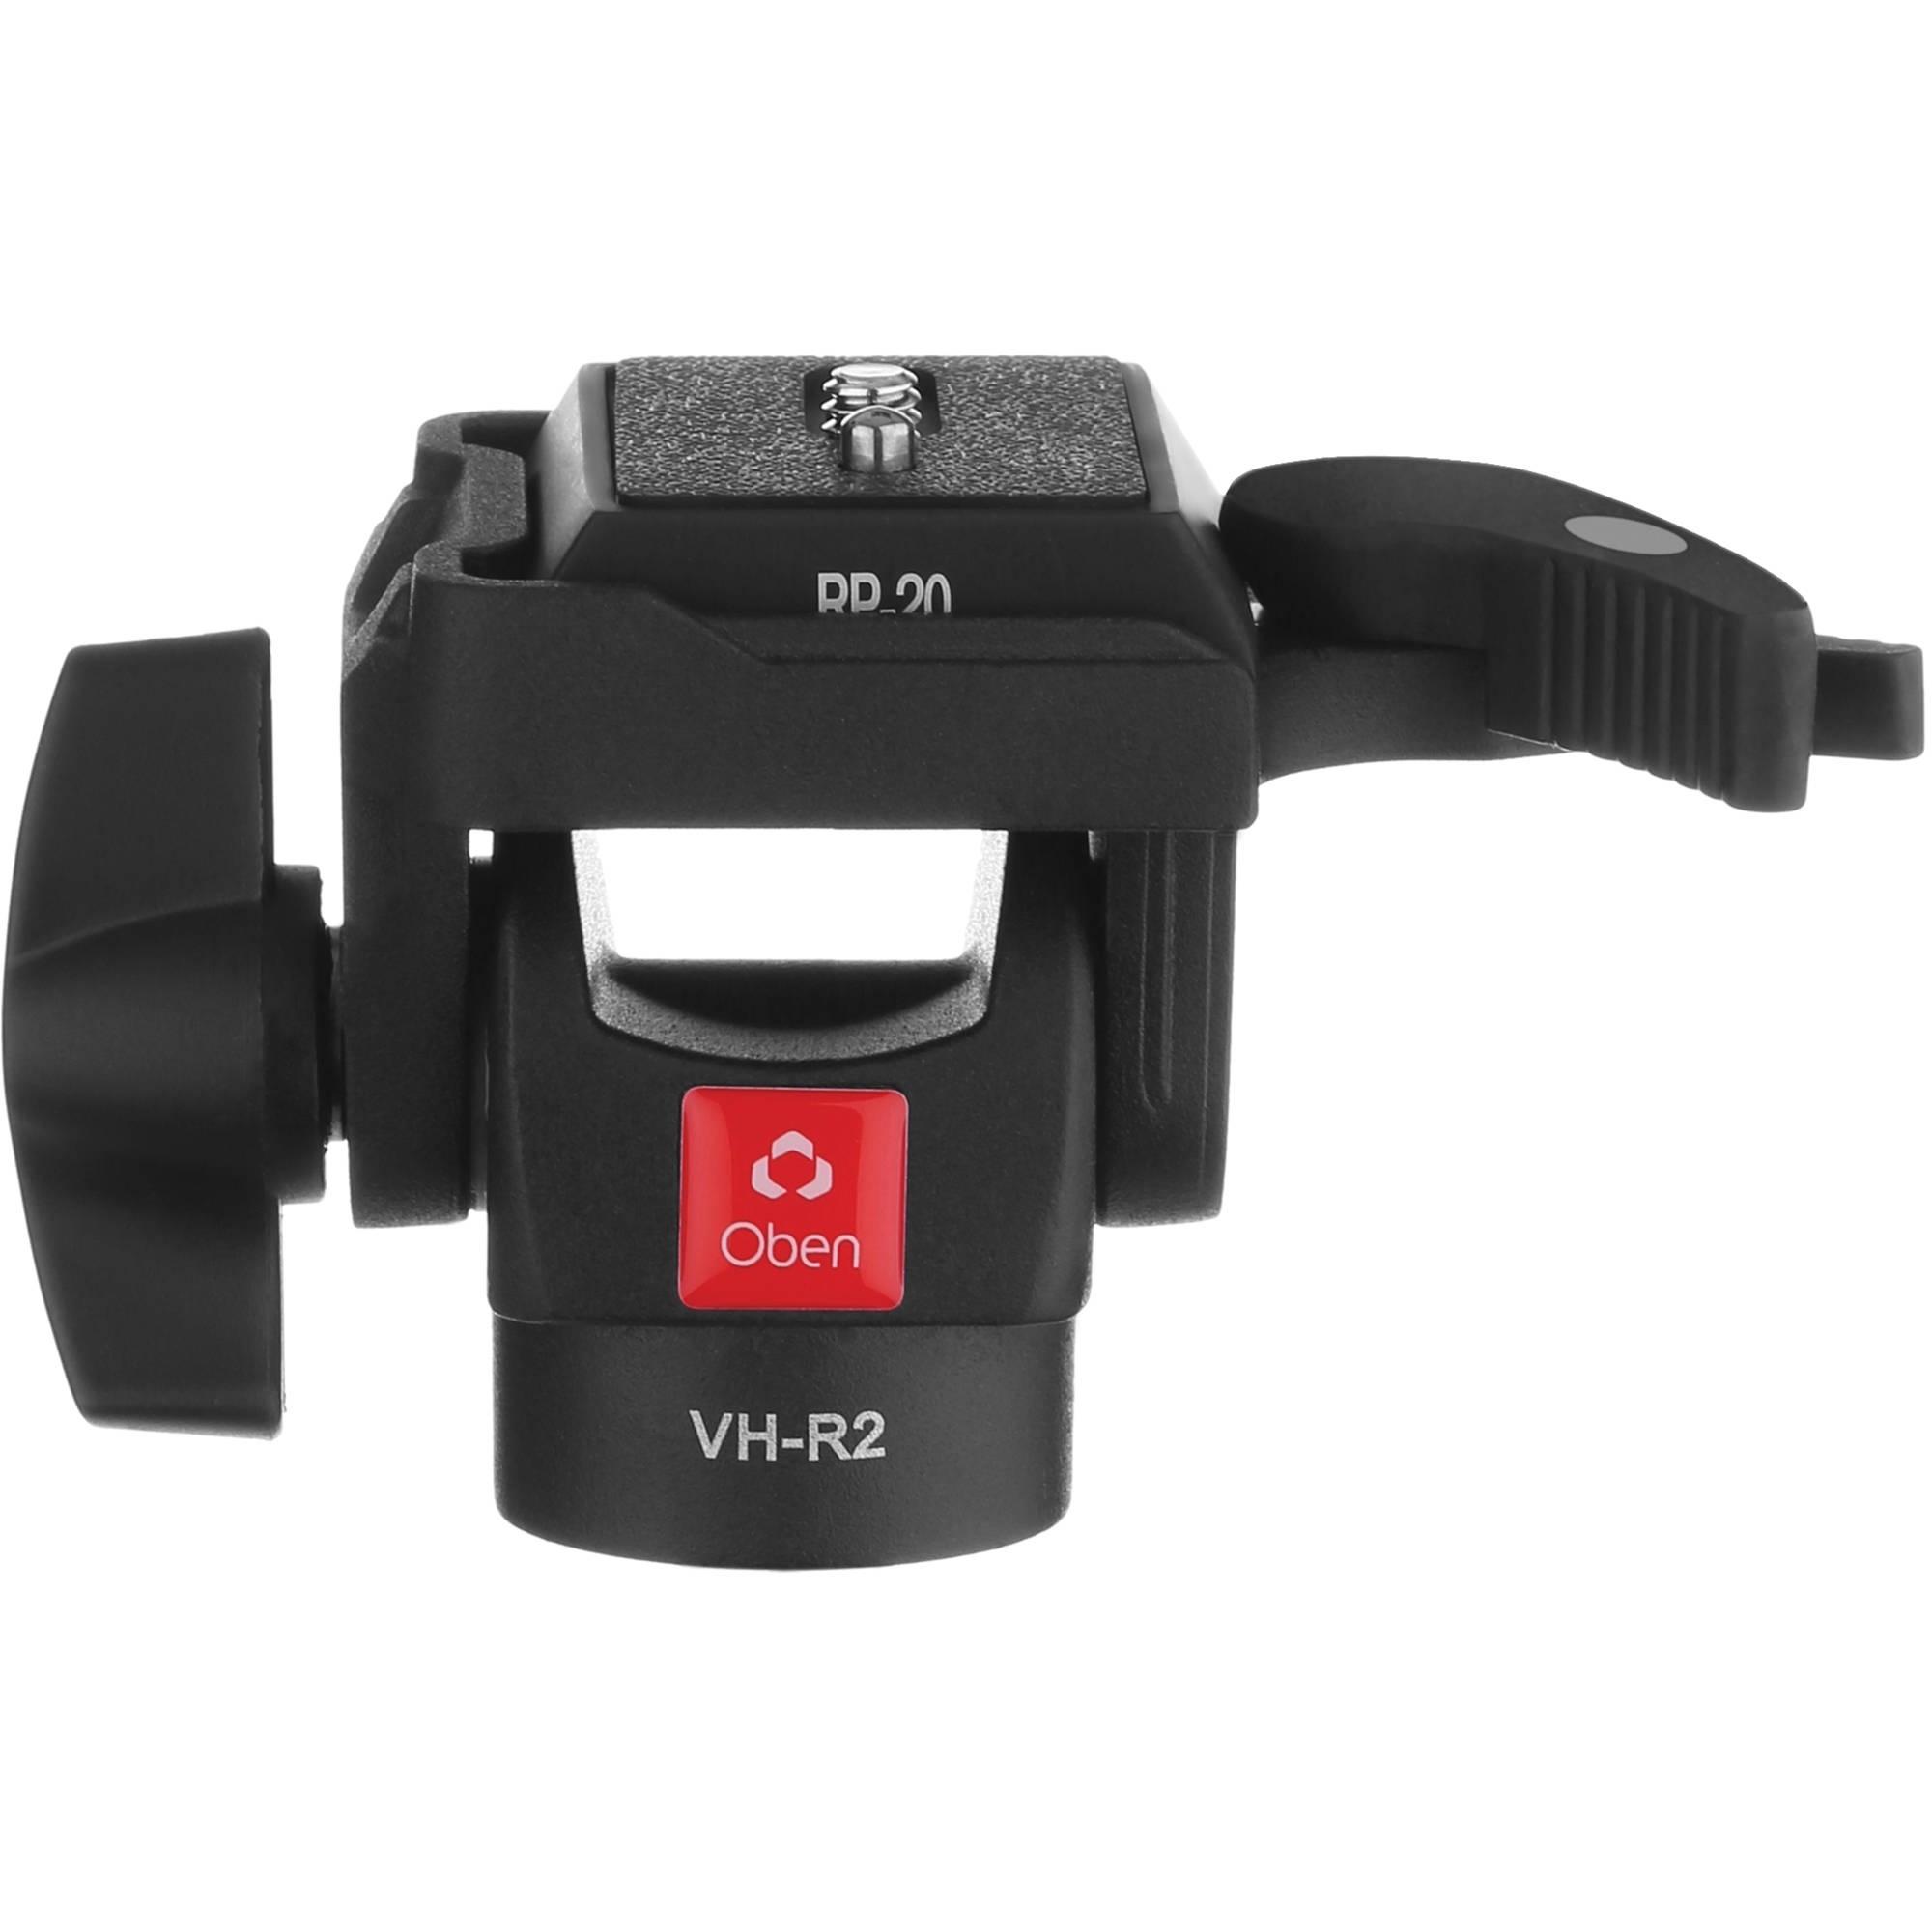 Oben VH-R2 Tilt Head for Monopods